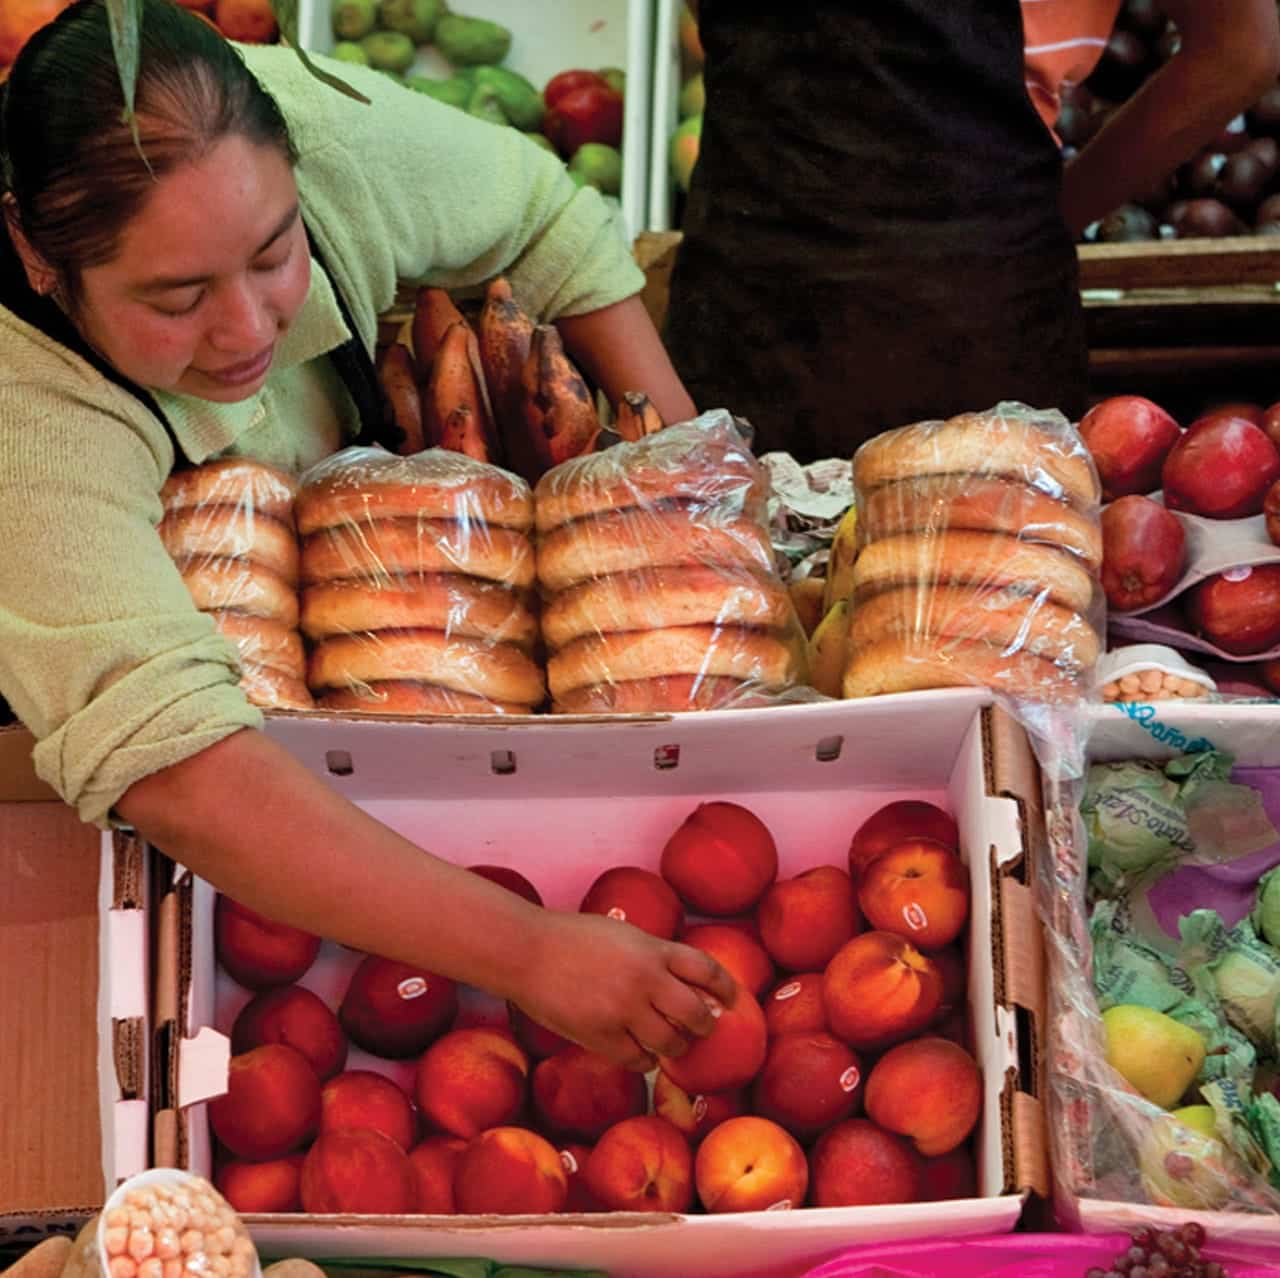 Foto: Mujer en puesto de fruta y pan. © Ediciones Larousse / Francisco Palma.